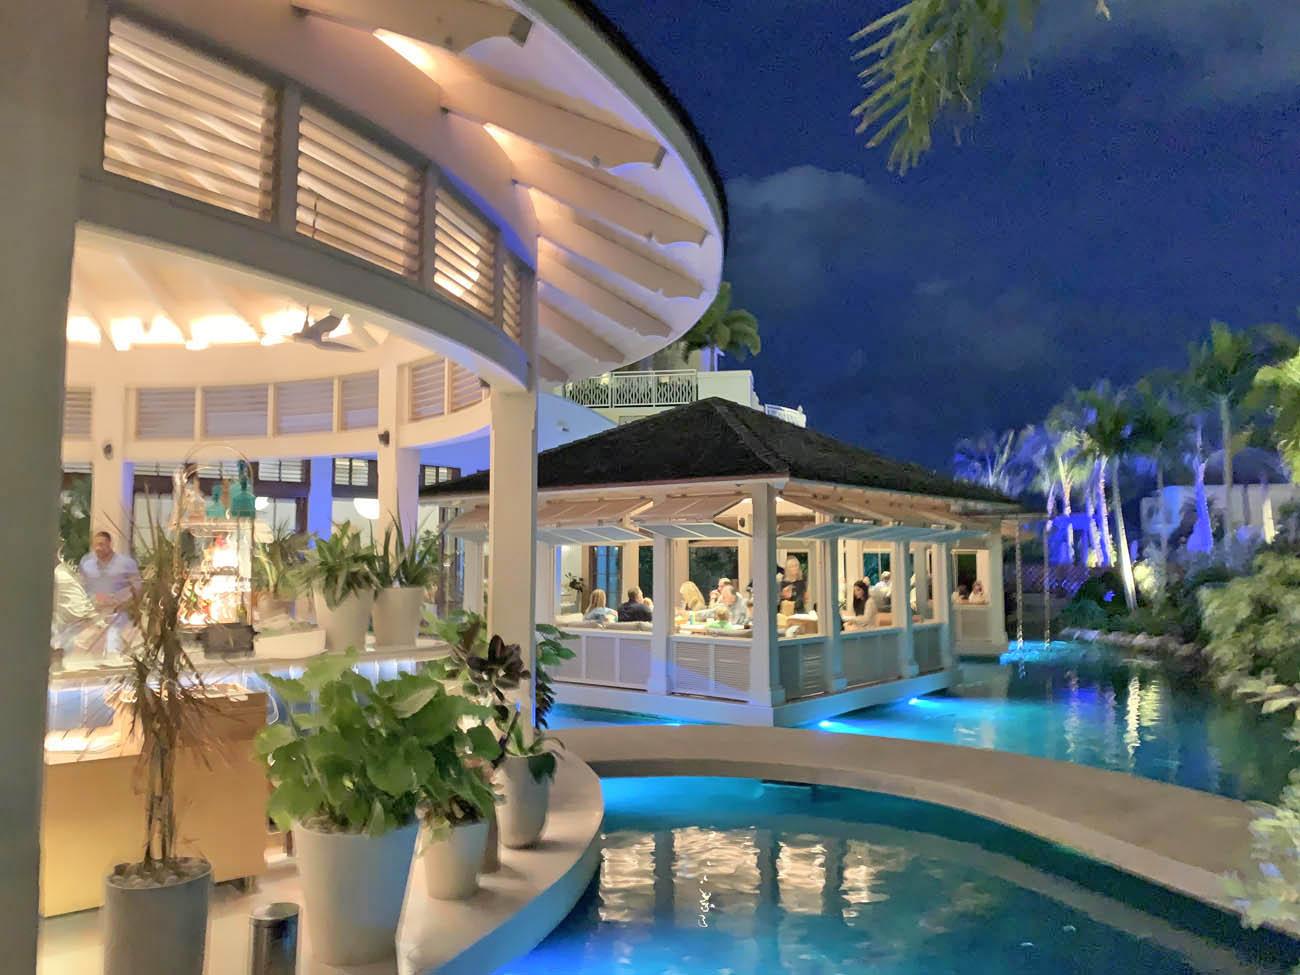 Dicas de Nassau - Restaurantes - onde comer - Costa - Mexicano - hotel Rosewood Baha Mar